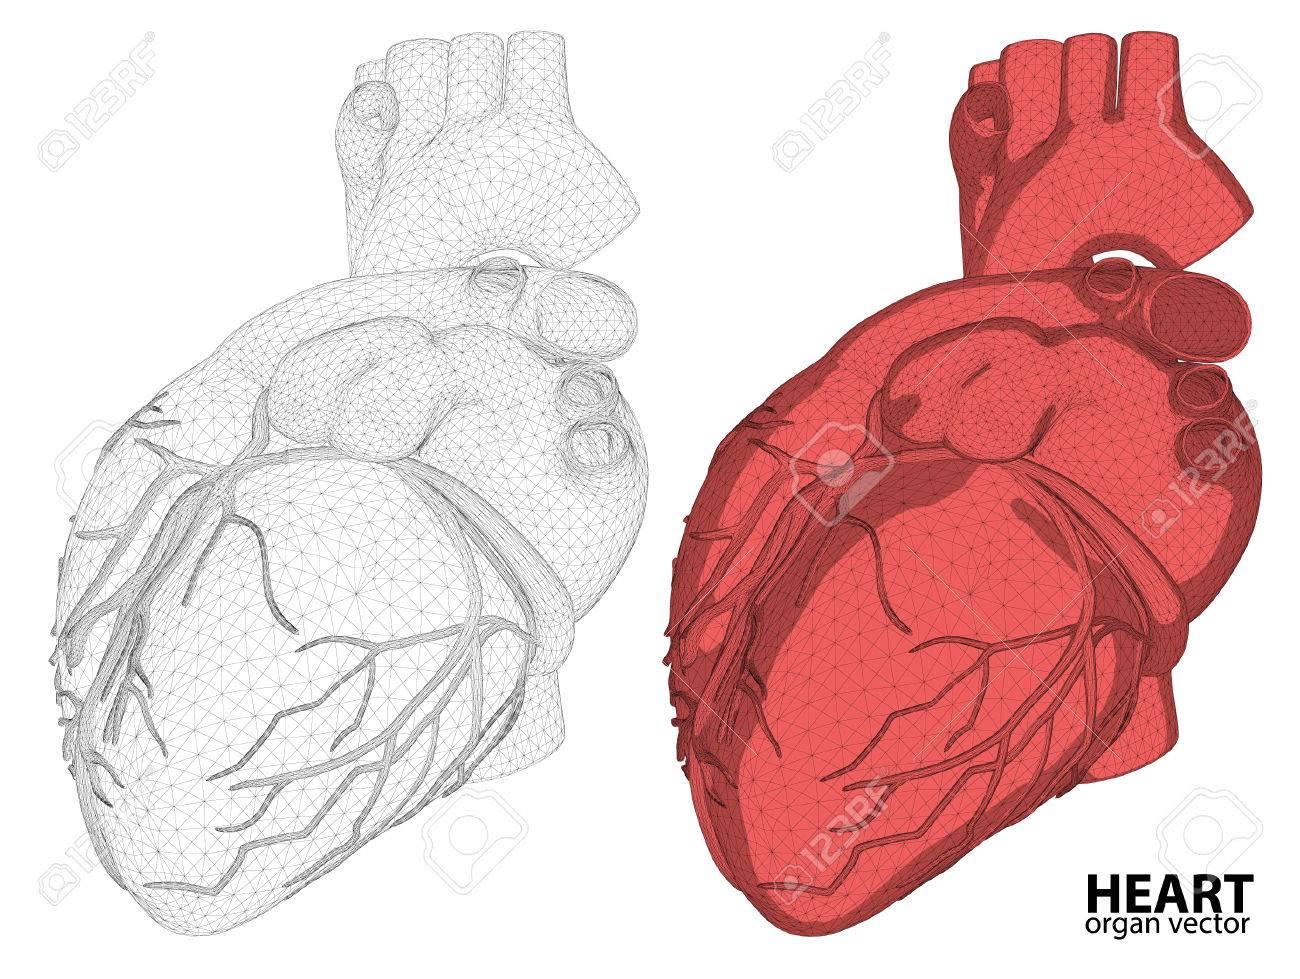 3d Herz Drahtmodell Verdauungssystem Auf Hintergrund Mesh, Für ...